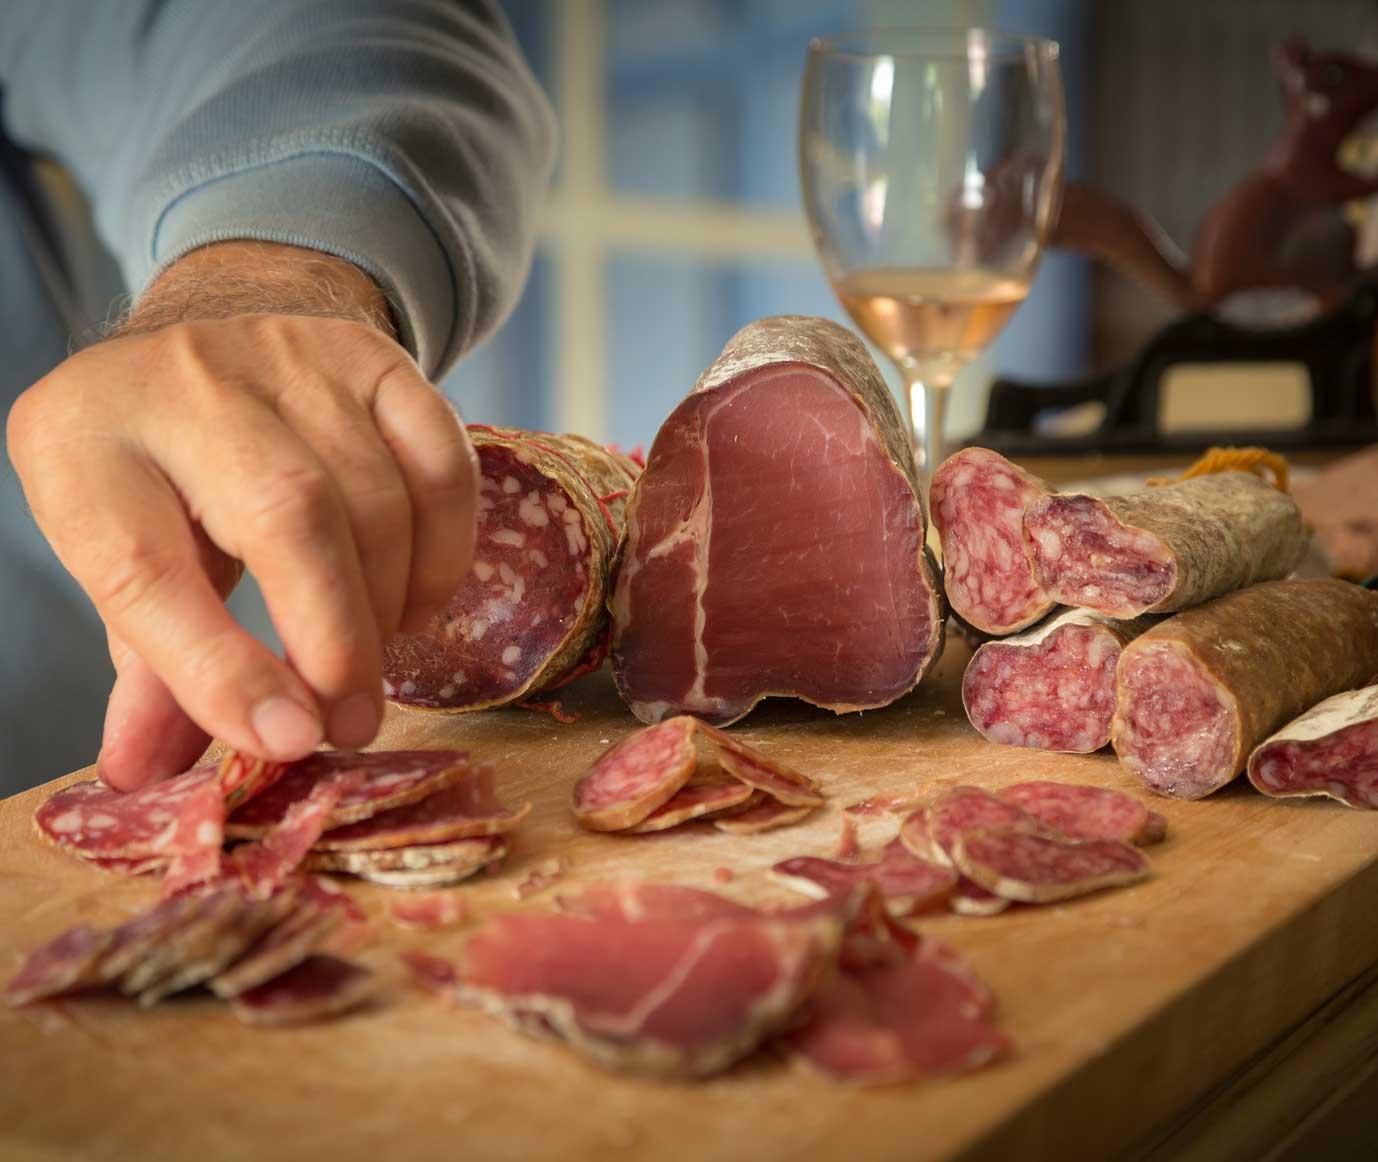 Härdat kött och salami